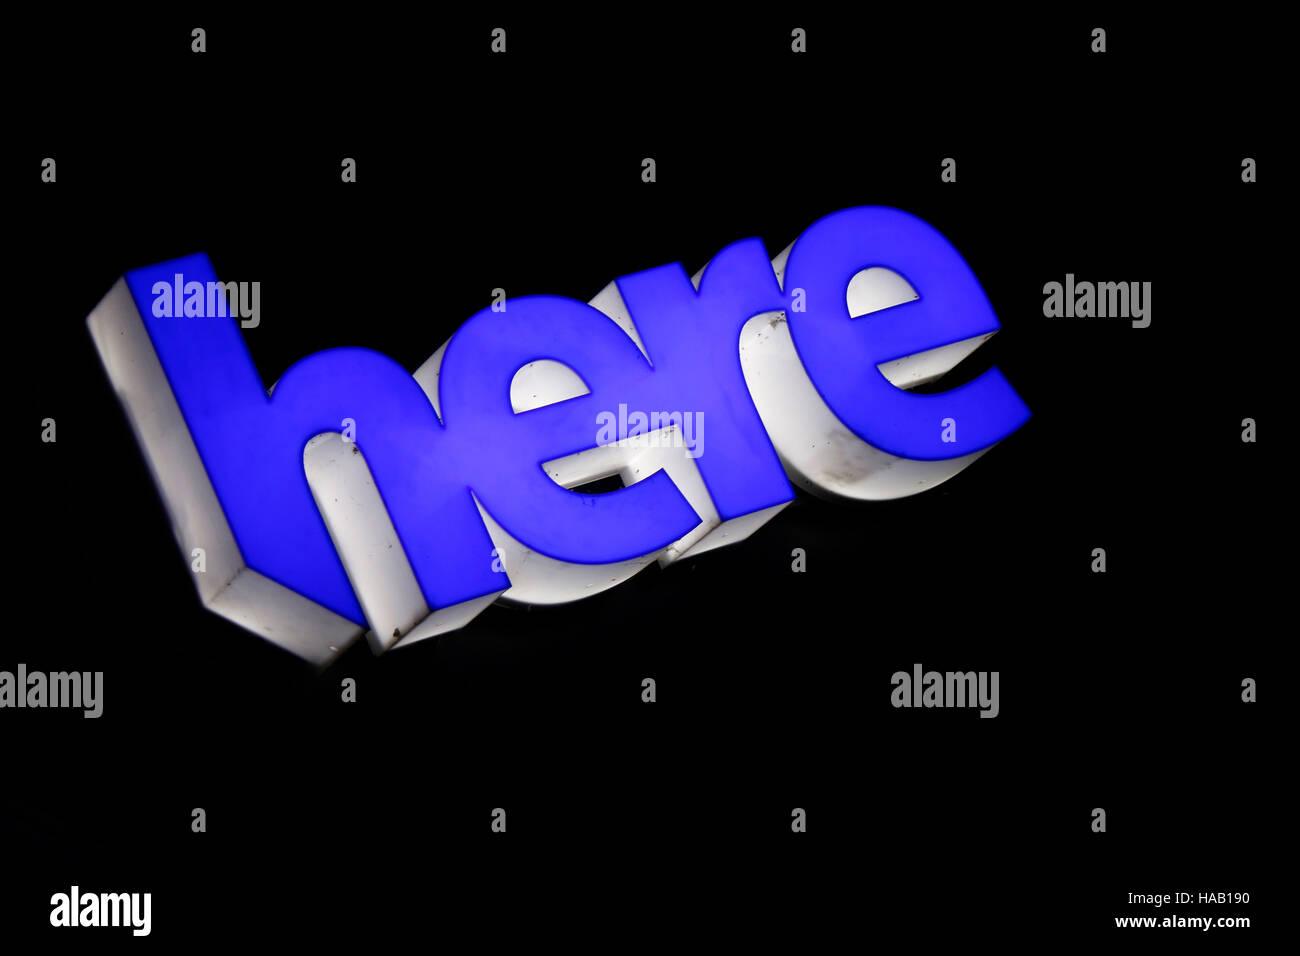 das Logo der Marke 'Here', Berlin. - Stock Image